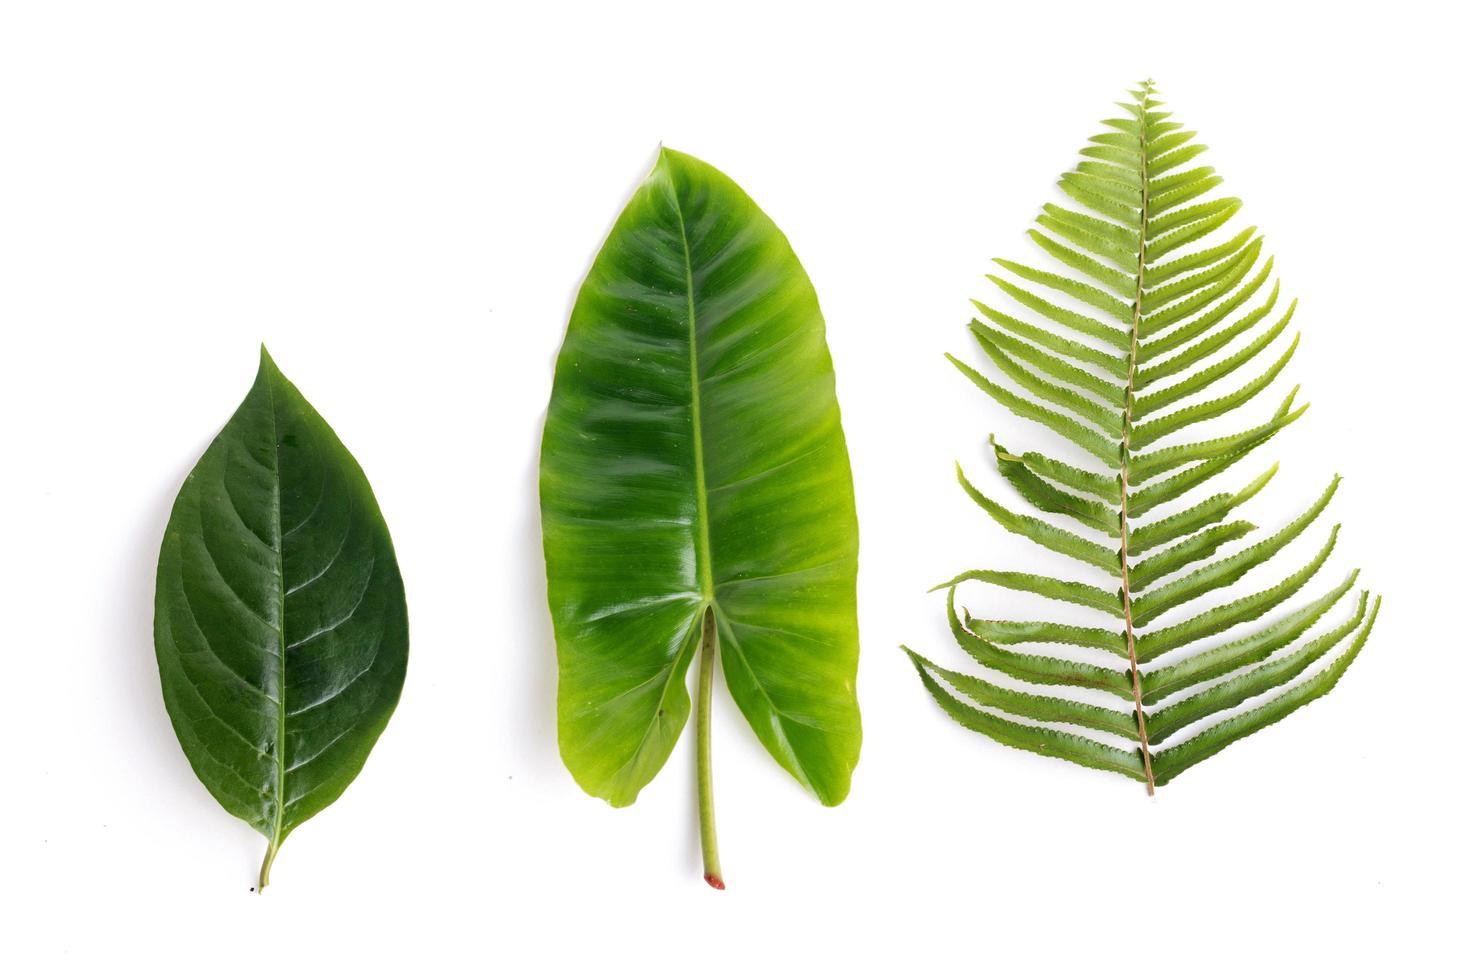 Conjunto de hojas verdes tropicales aislado sobre fondo blanco. foto